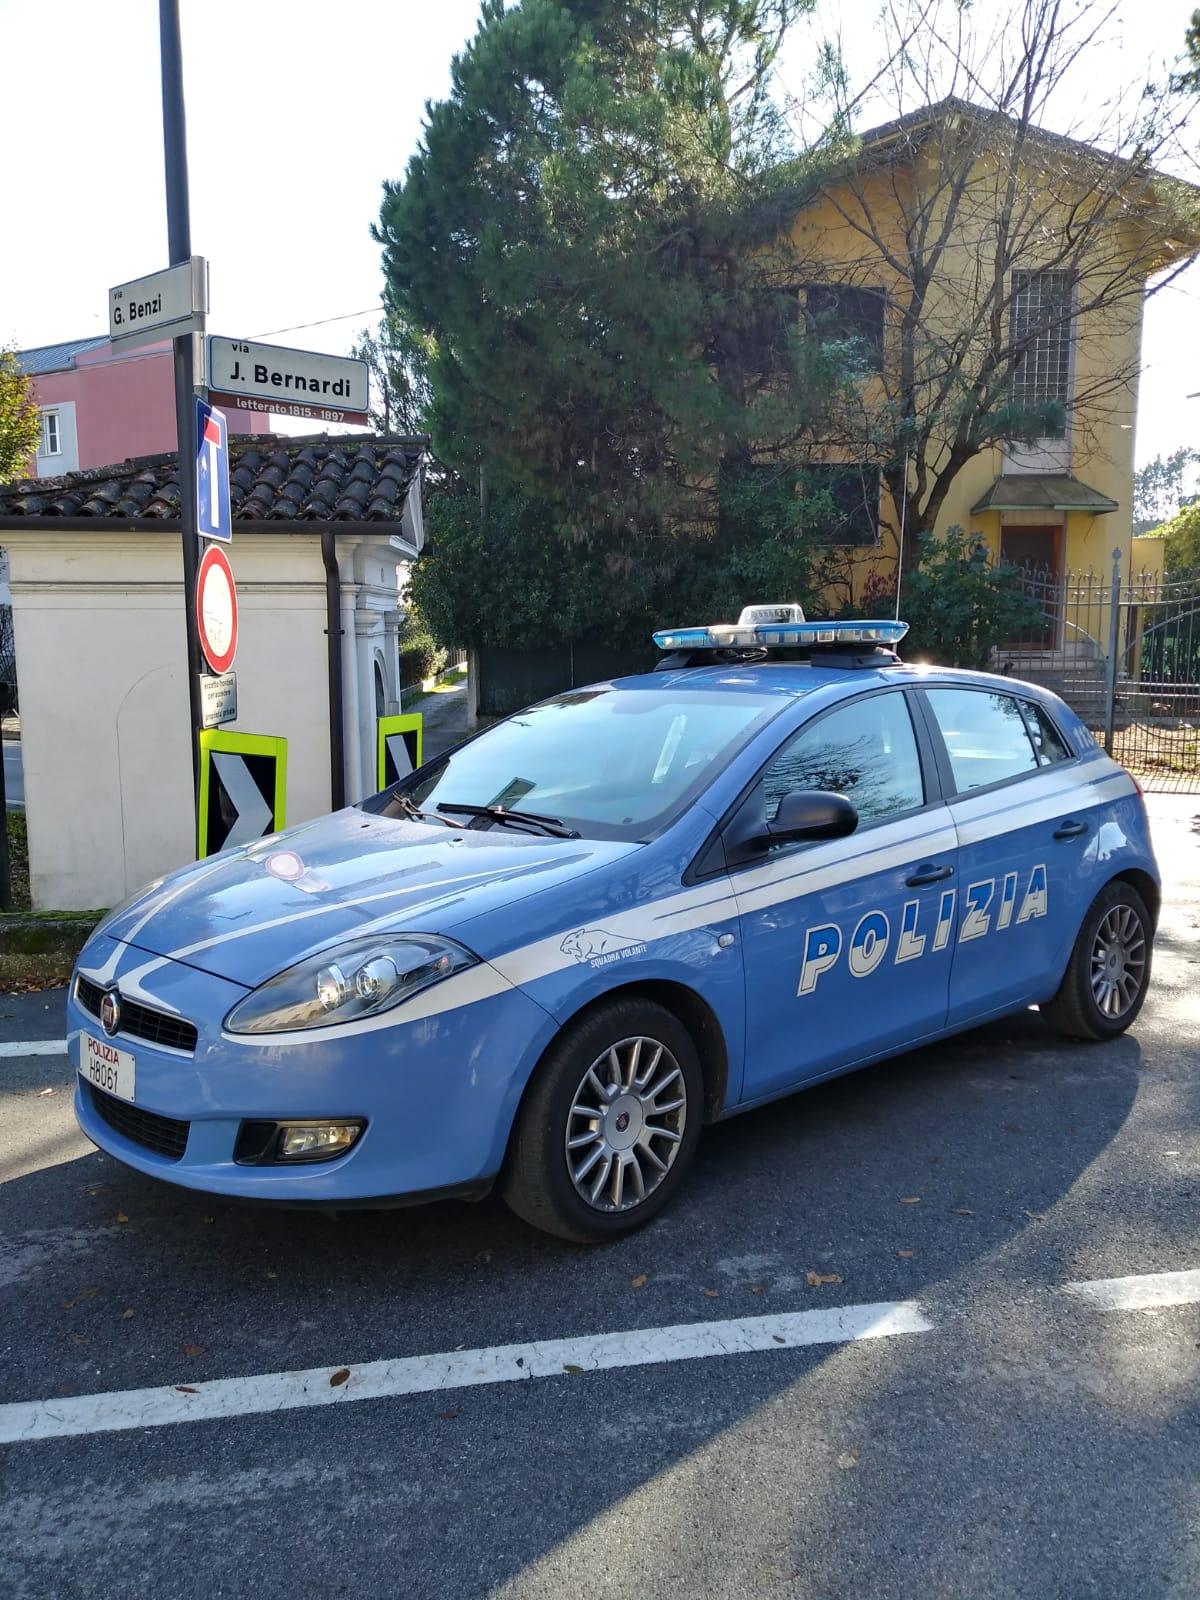 Polizia di stato questure sul web treviso for Polizia di stato carta di soggiorno